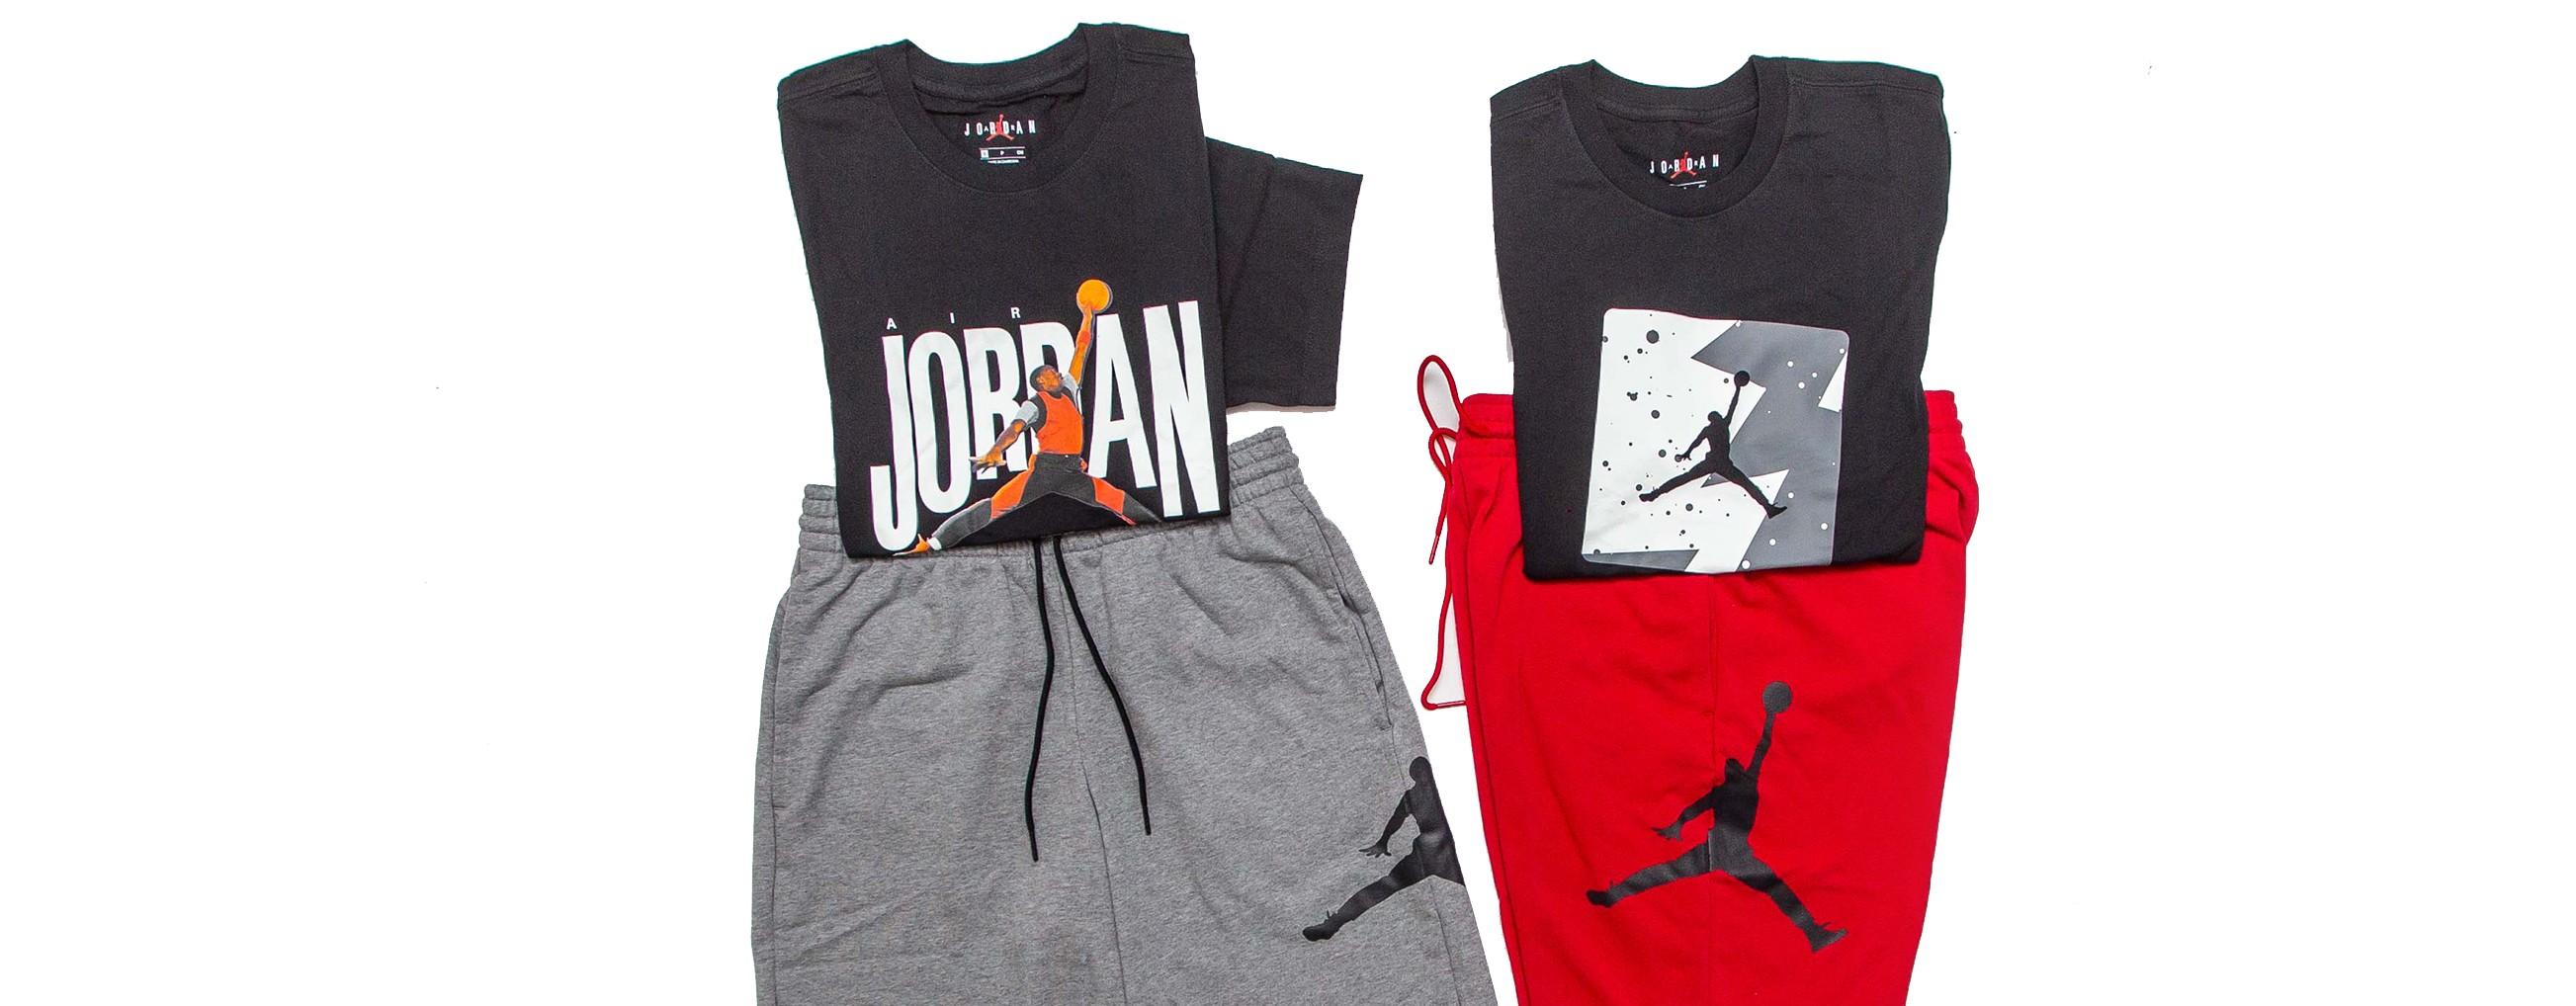 Jordan SU20 Delivery